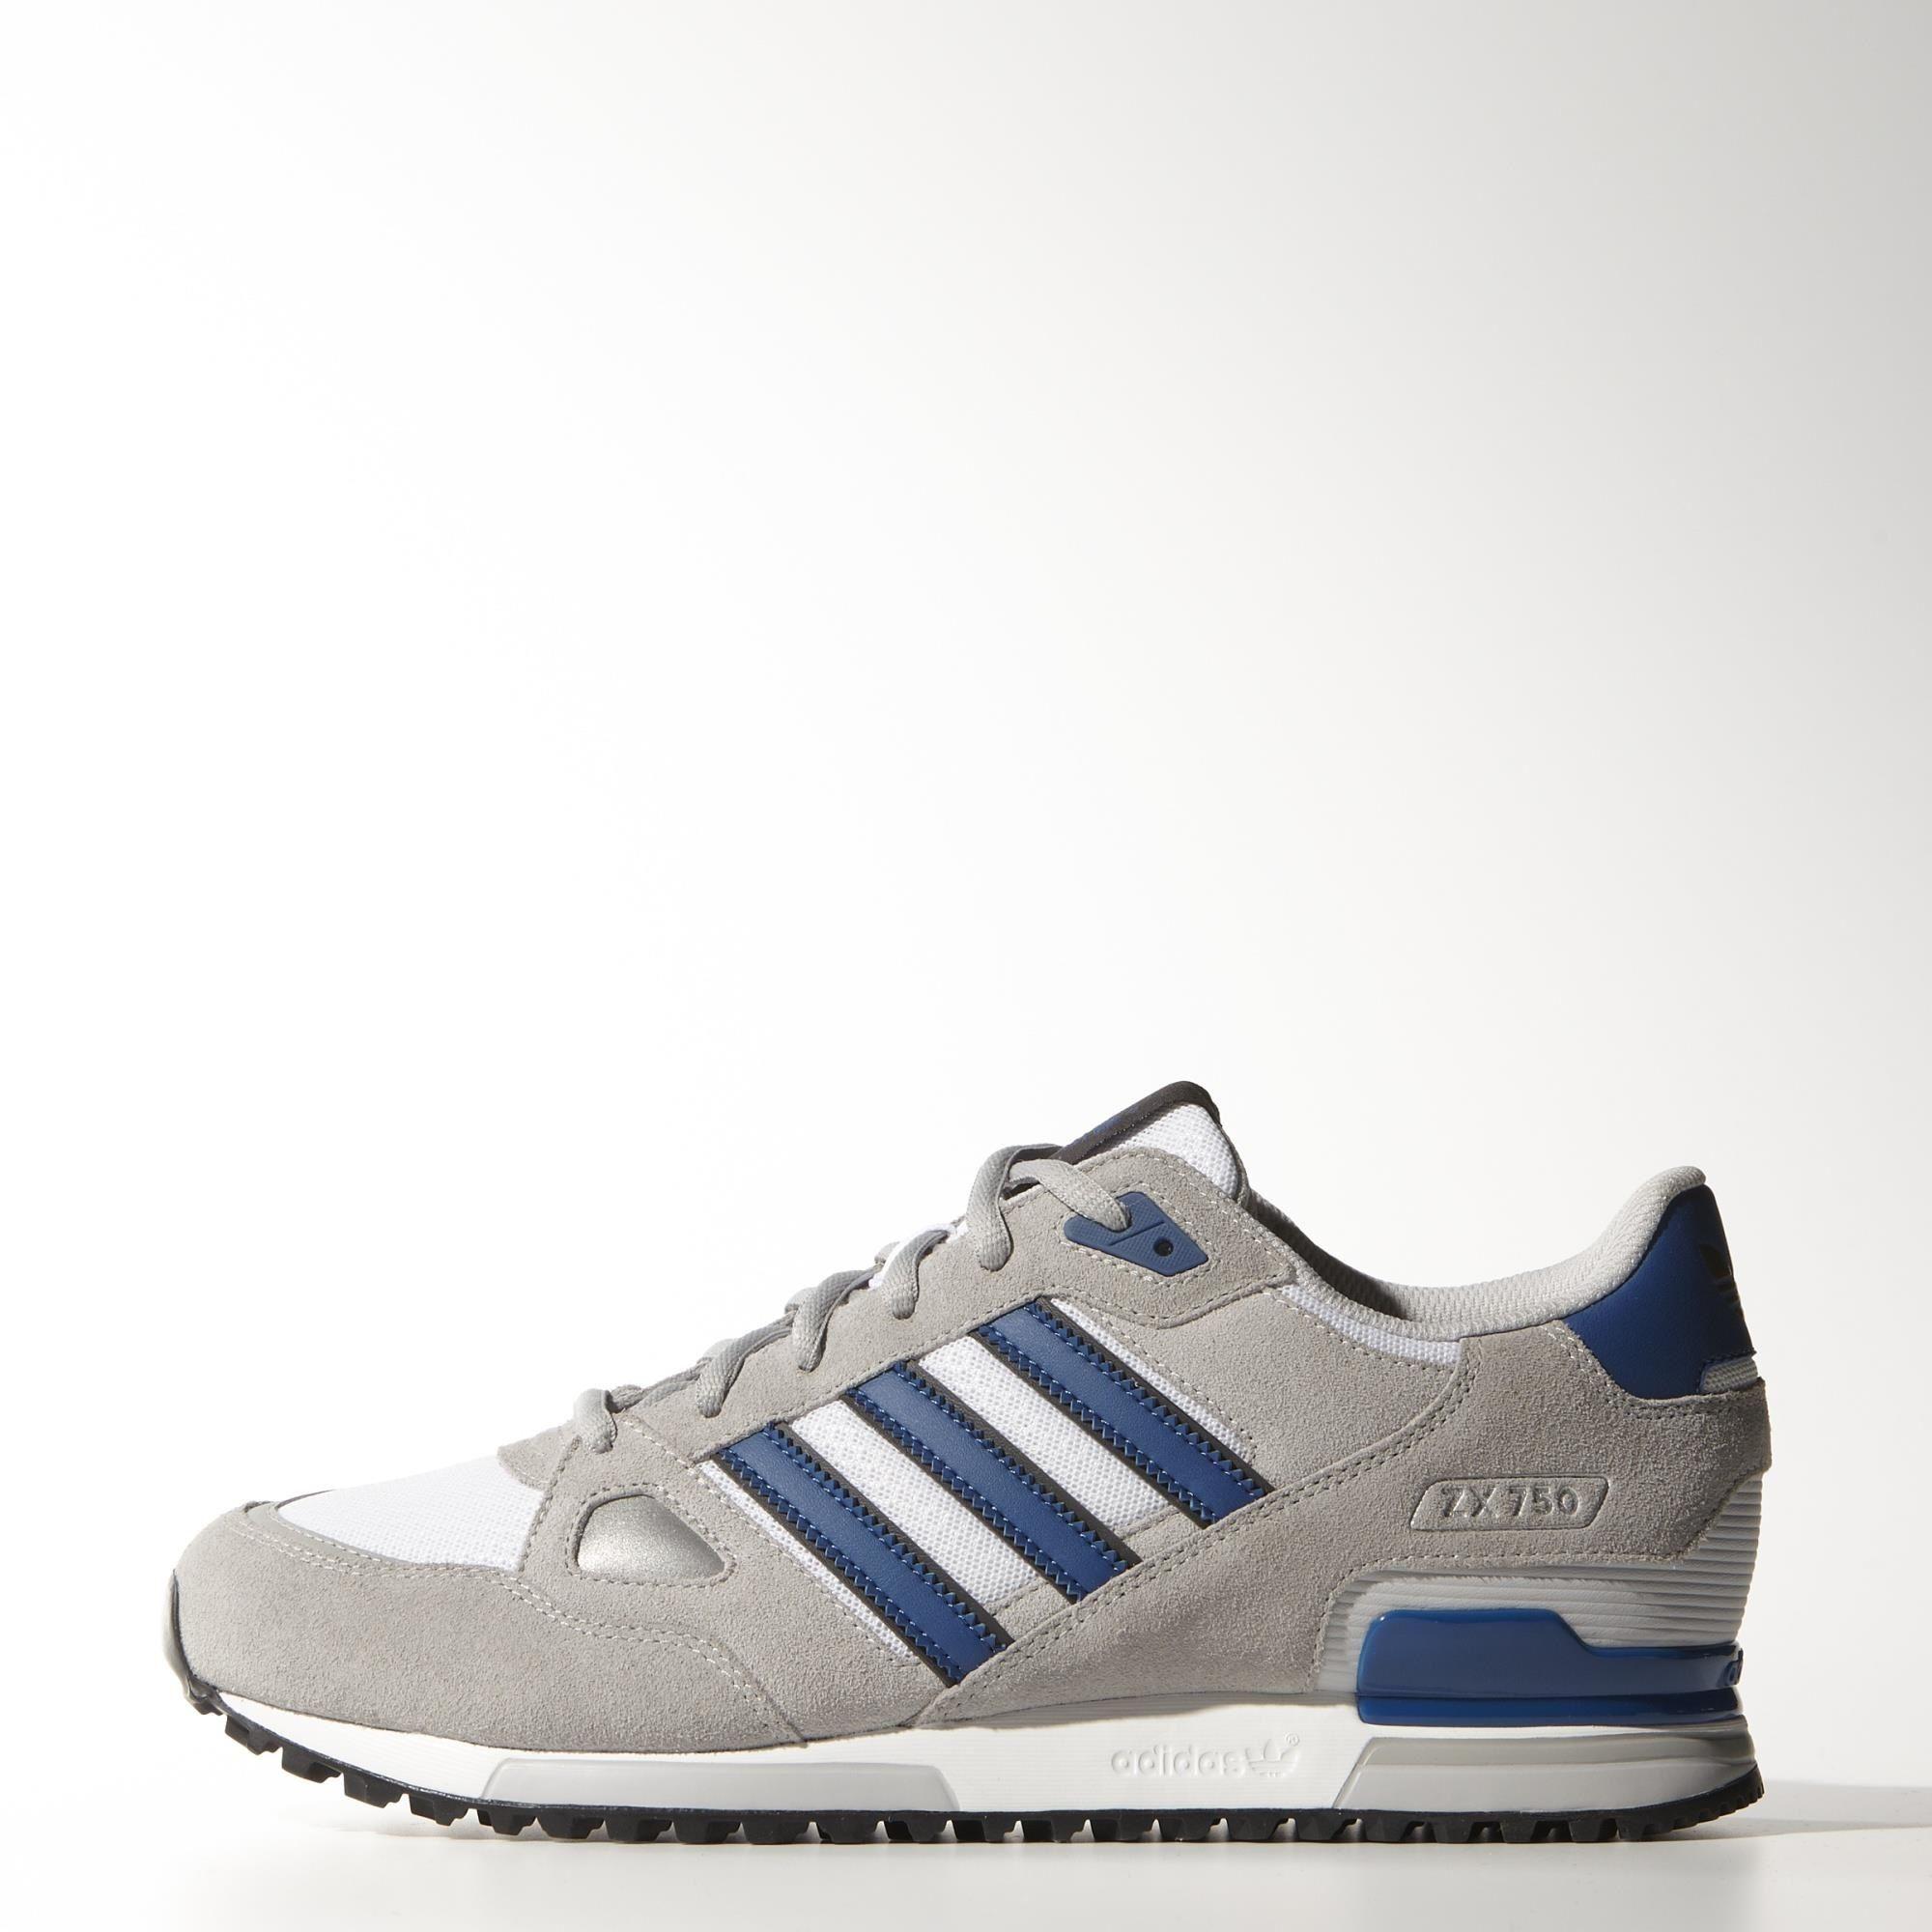 Esta llorando chasquido Juicio  adidas ZX 750 | adidas Colombia | Zapatos adidas hombre, Zapatos hombre,  Zapatos deportivos de moda